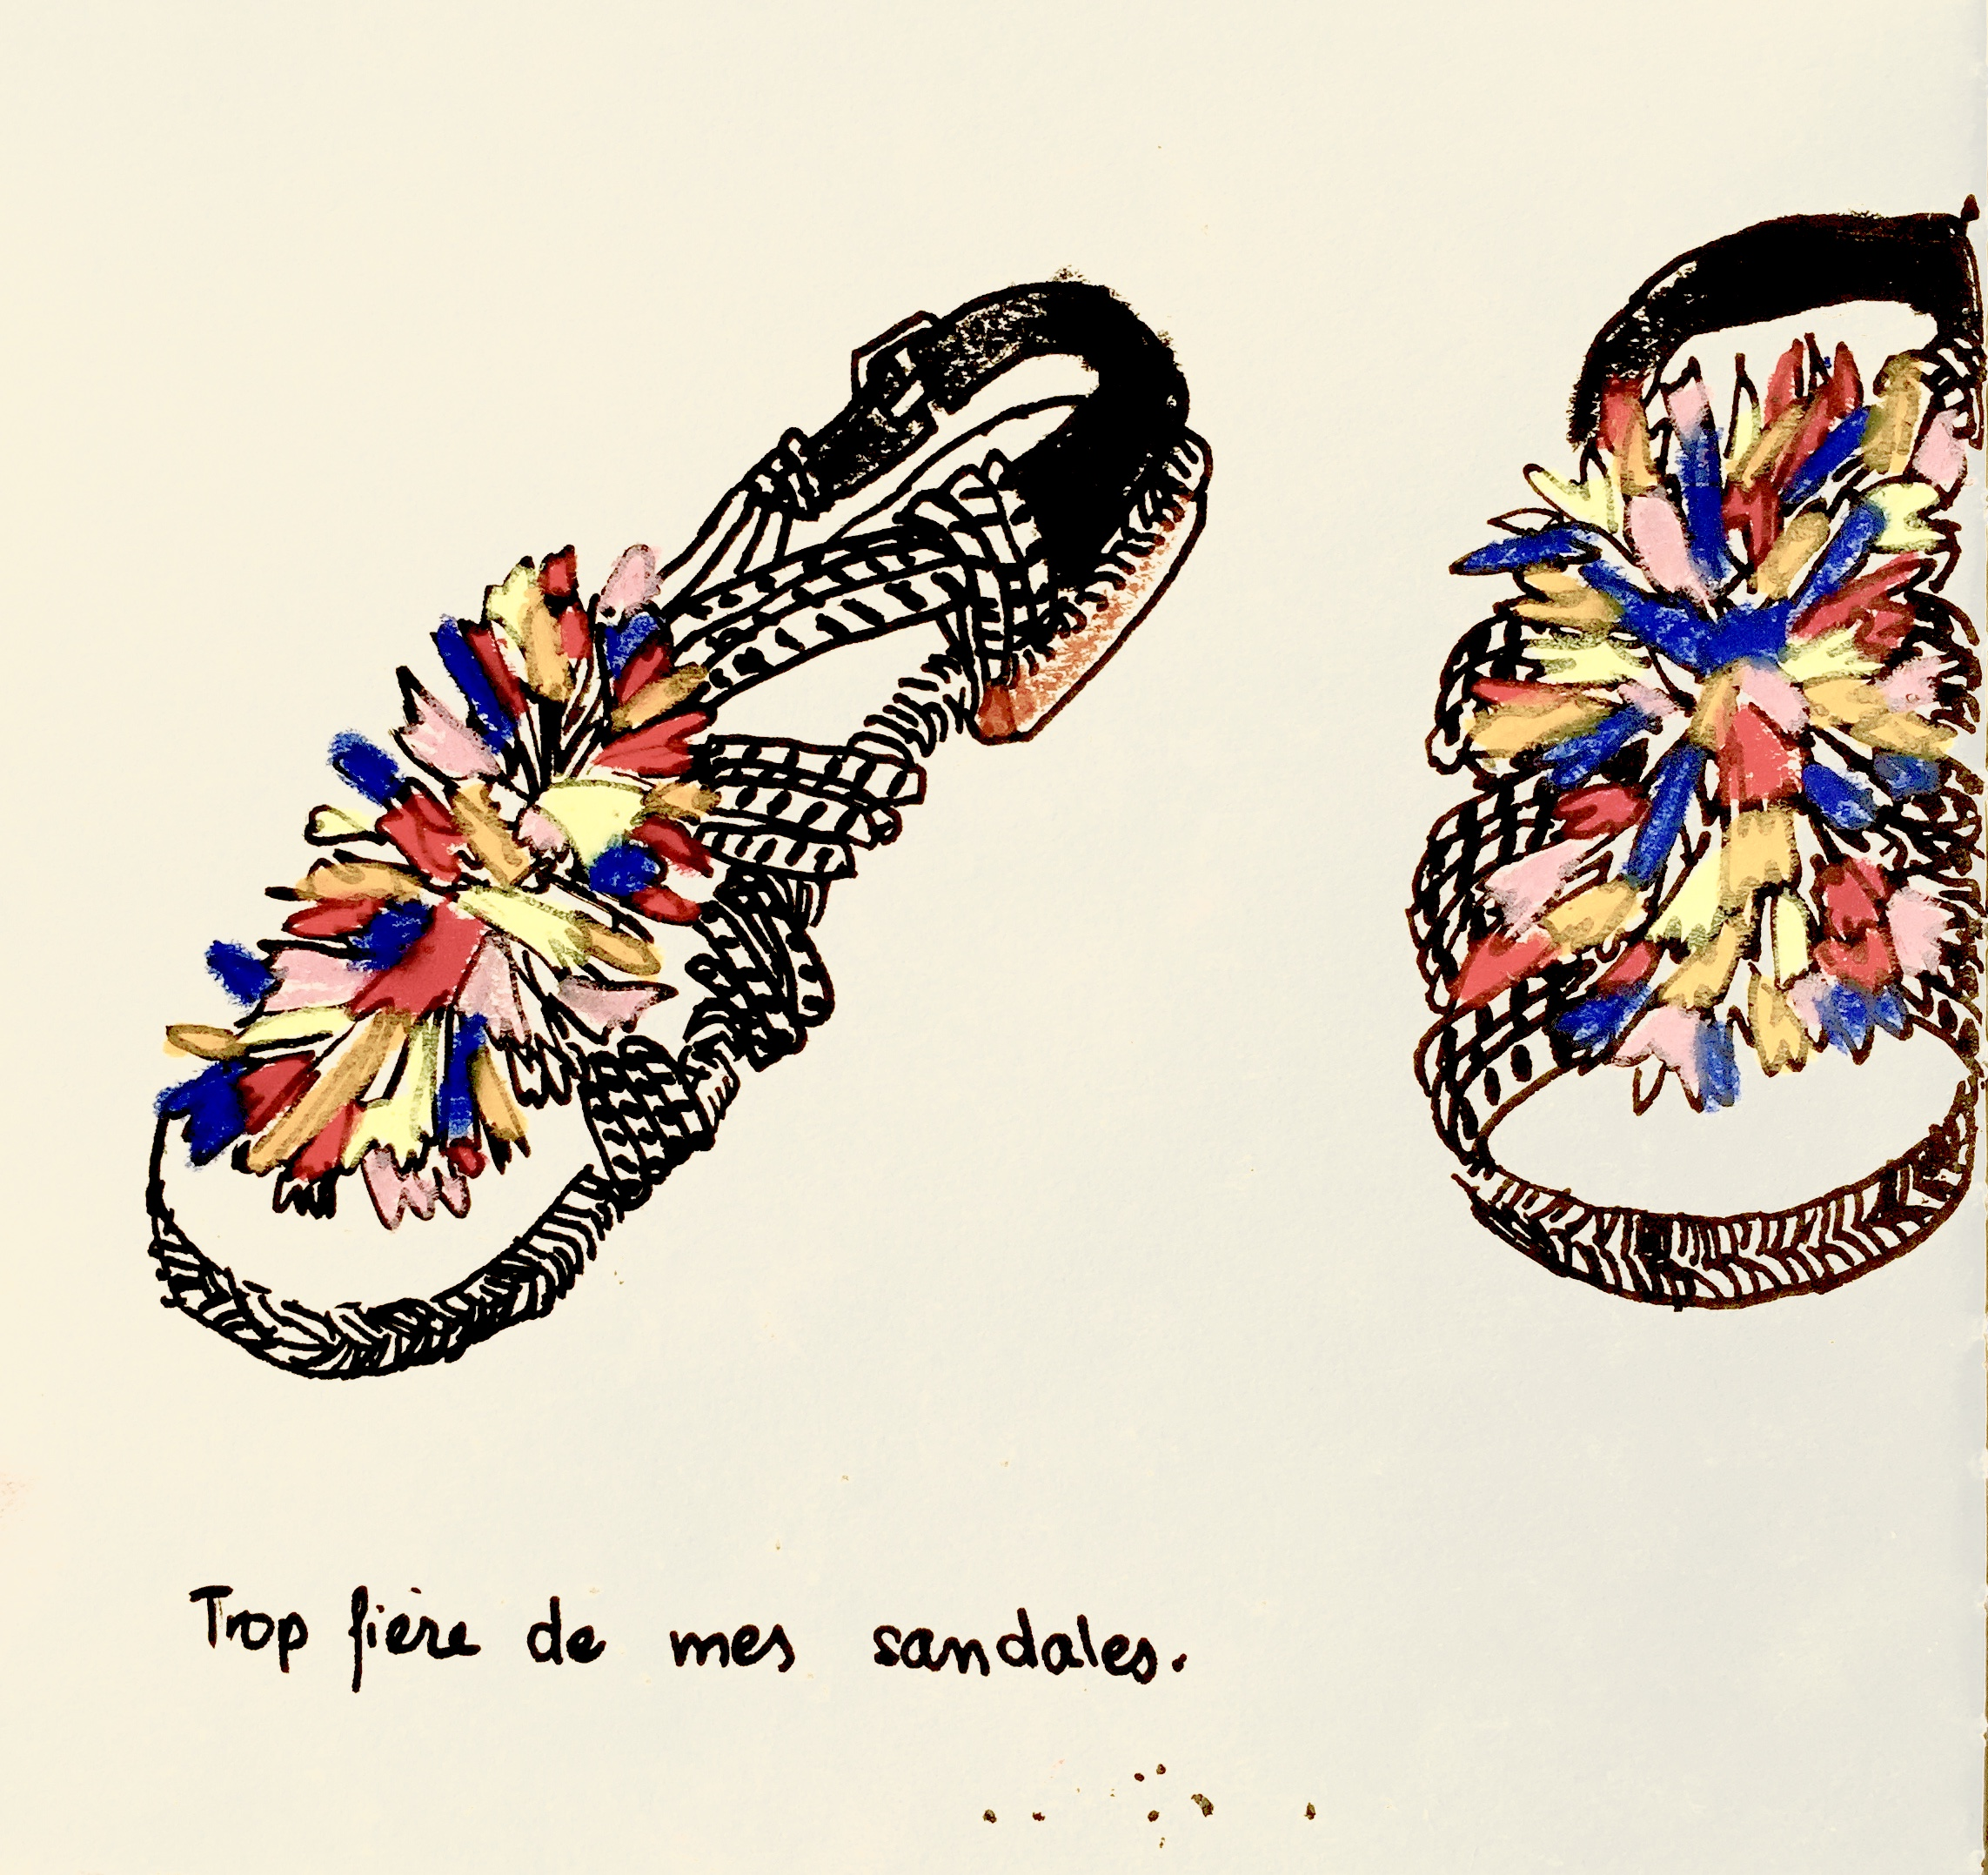 Mes sandales